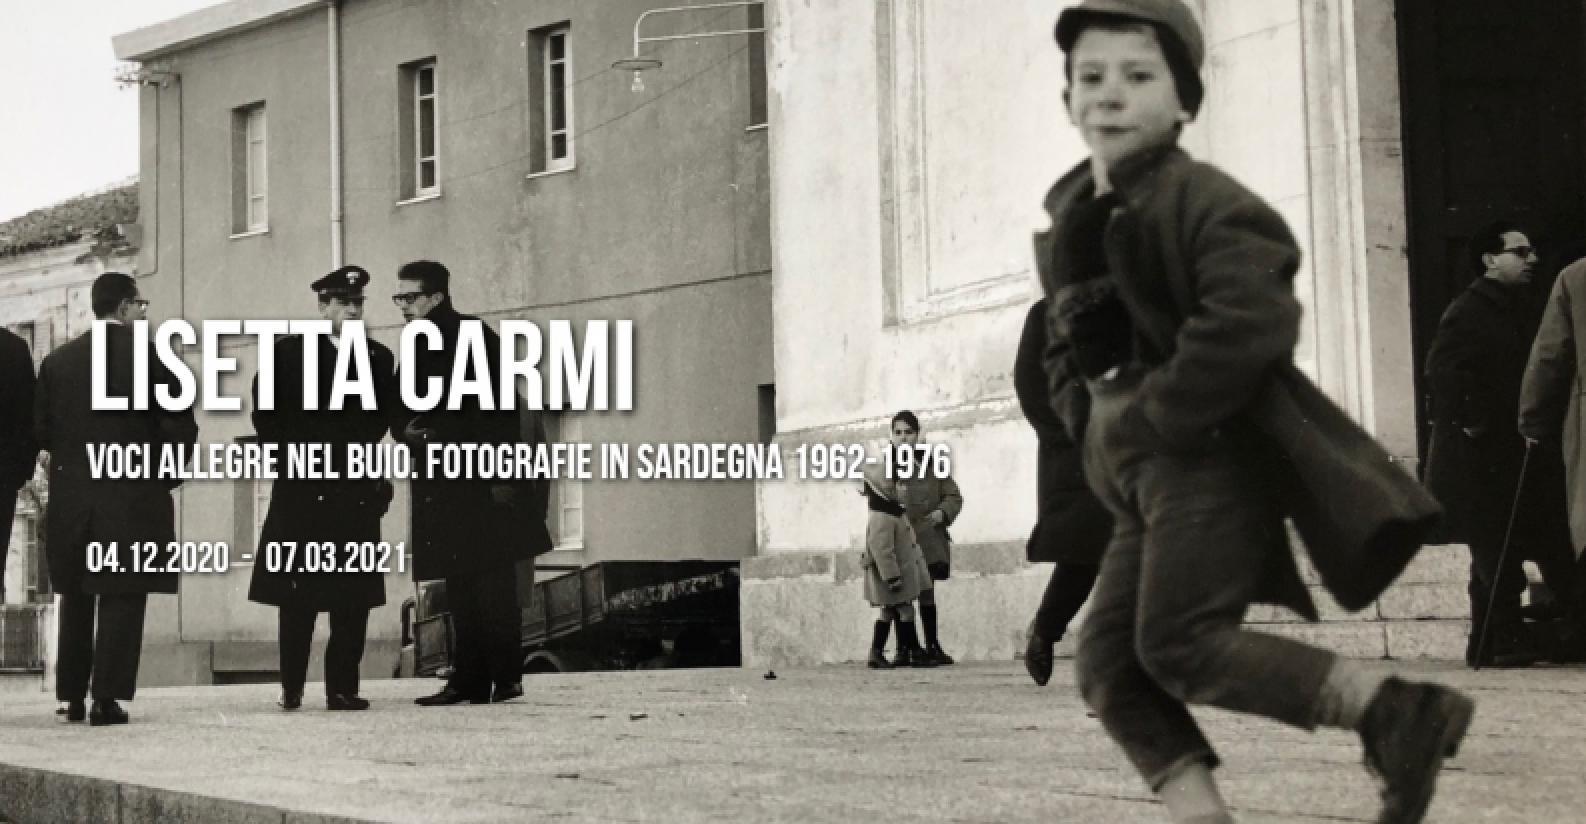 man_nuoro_lisetta_carmi_mostra_2021